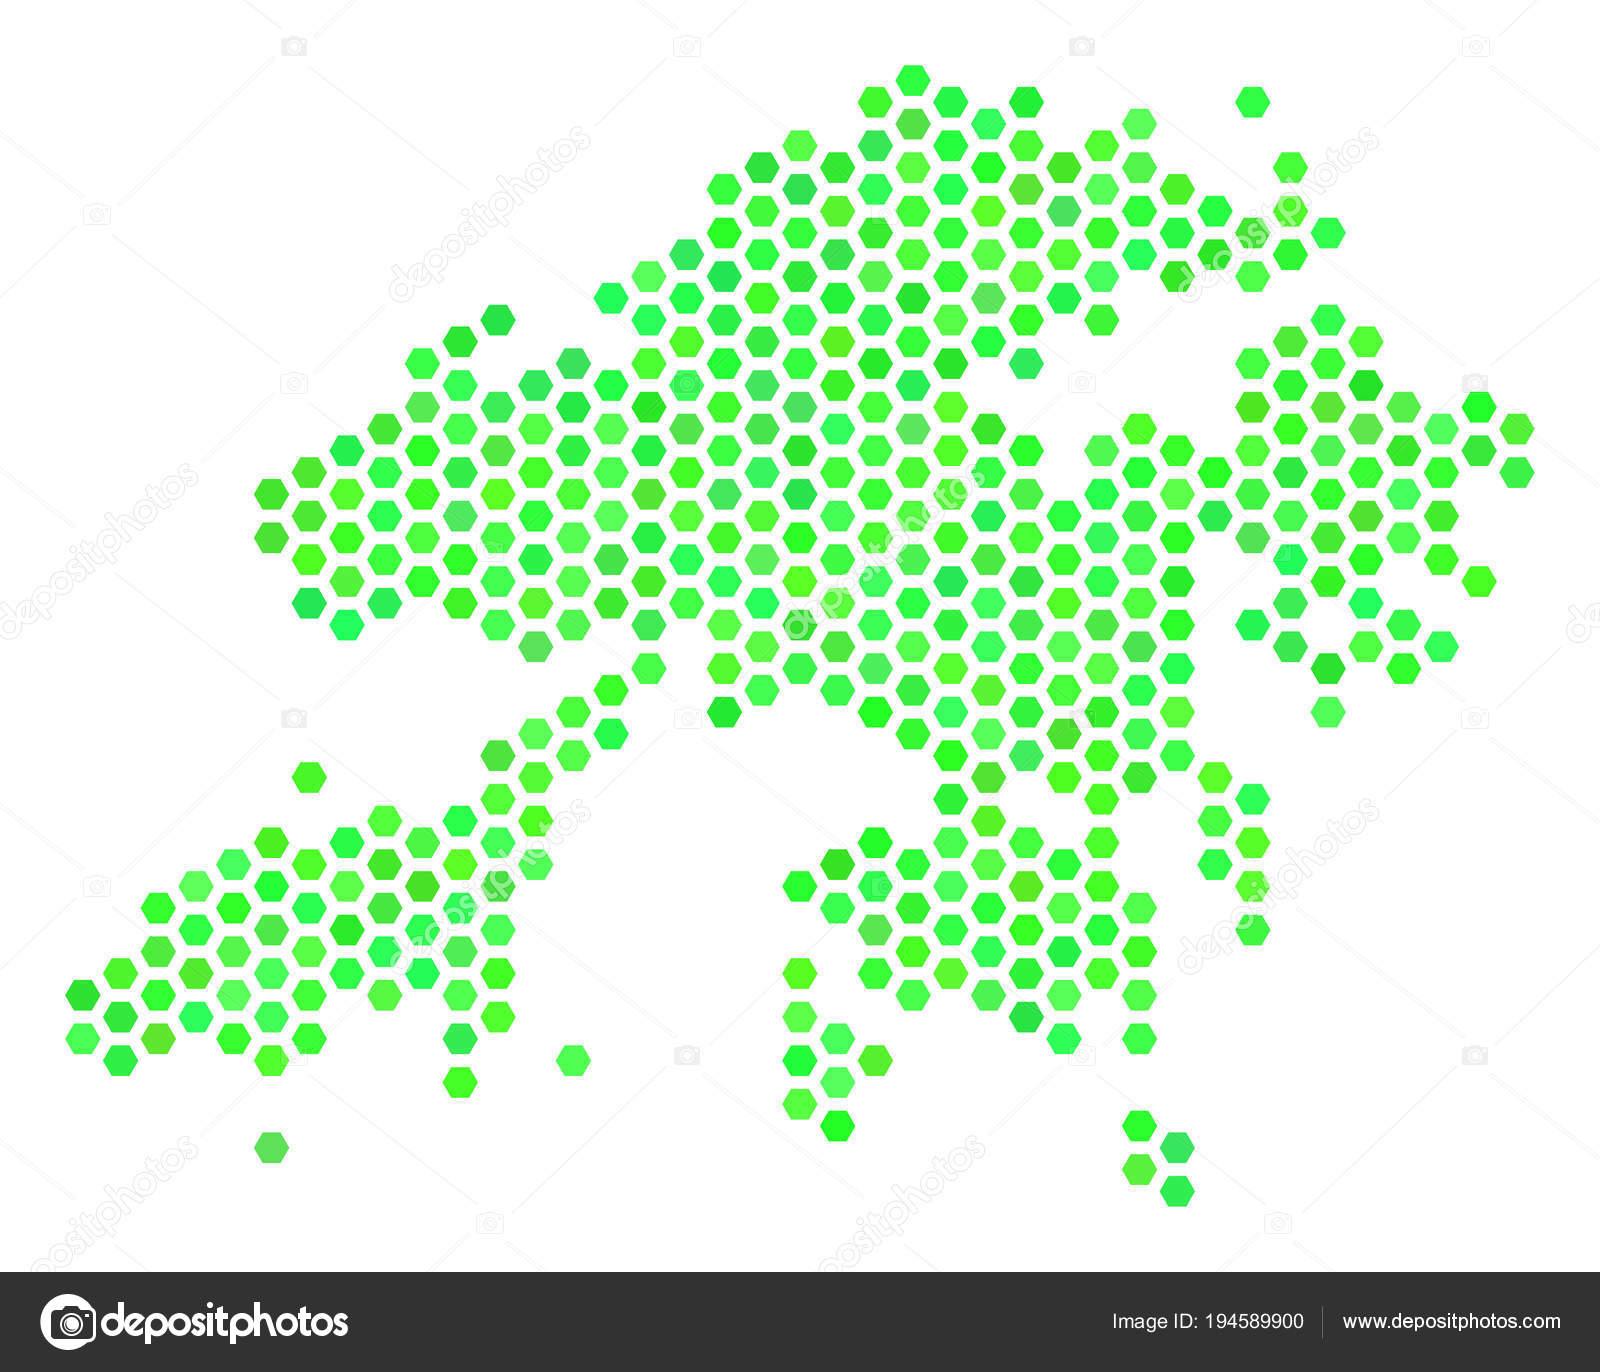 Grüne Hex Tile Hong Kong Map Stockvektor Ahasoft 194589900